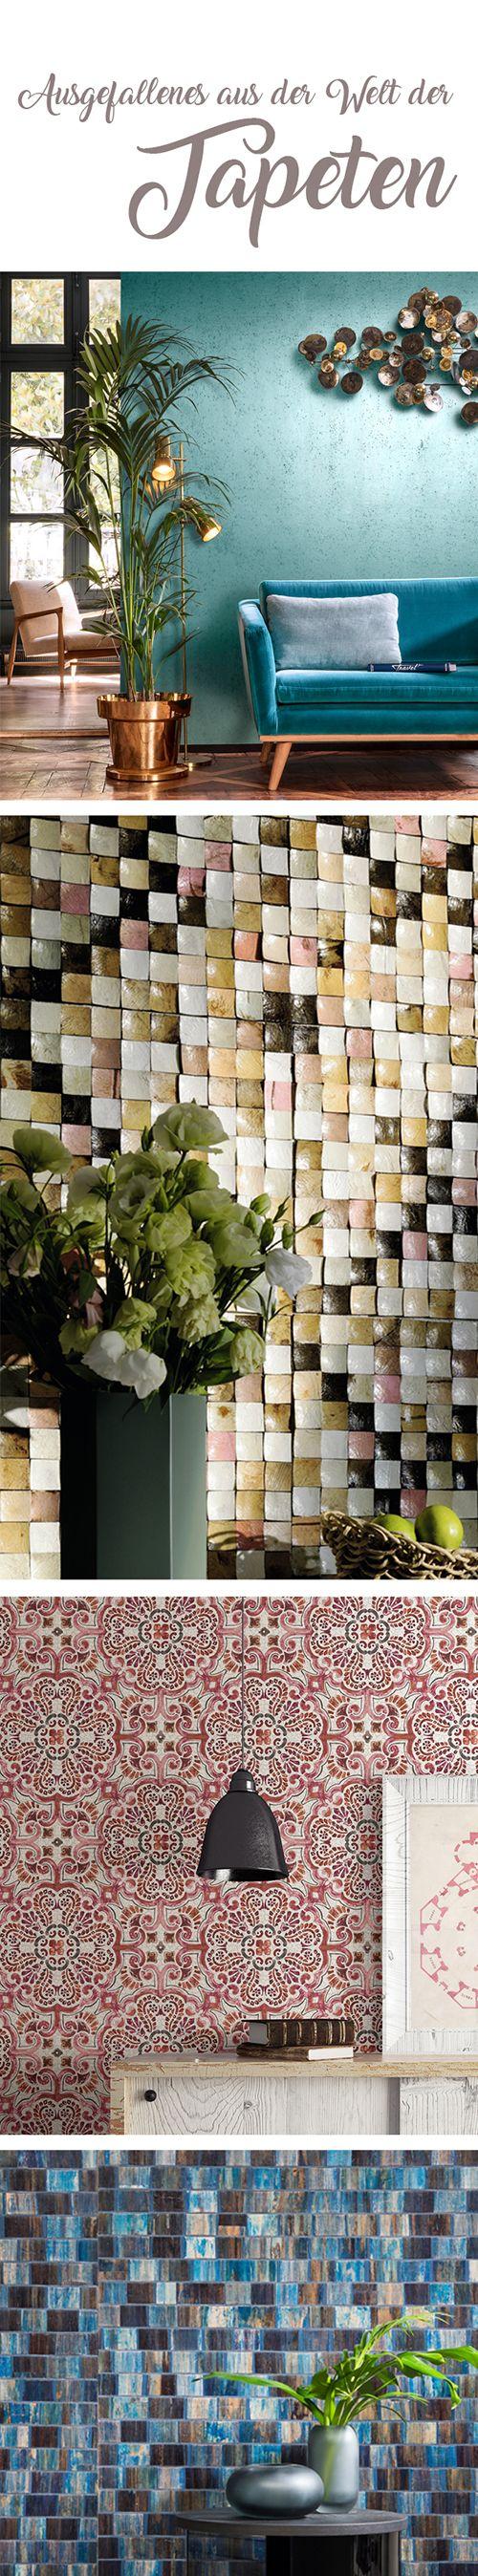 Auf der Suche nach einer ausgefallenen, hochwertigen und einzigartigen Tapete? Hier wirst du fündig! Wandverkleidungen für jeden Geschmack, die speziellen Materialien und die wunderbaren Strukturen lassen dein Interieur in neuem Glanz erstrahlen! Tapeten Hersteller: Arte. Elitis. Rasch Textil. Omexco. Wirz Tapeten AG